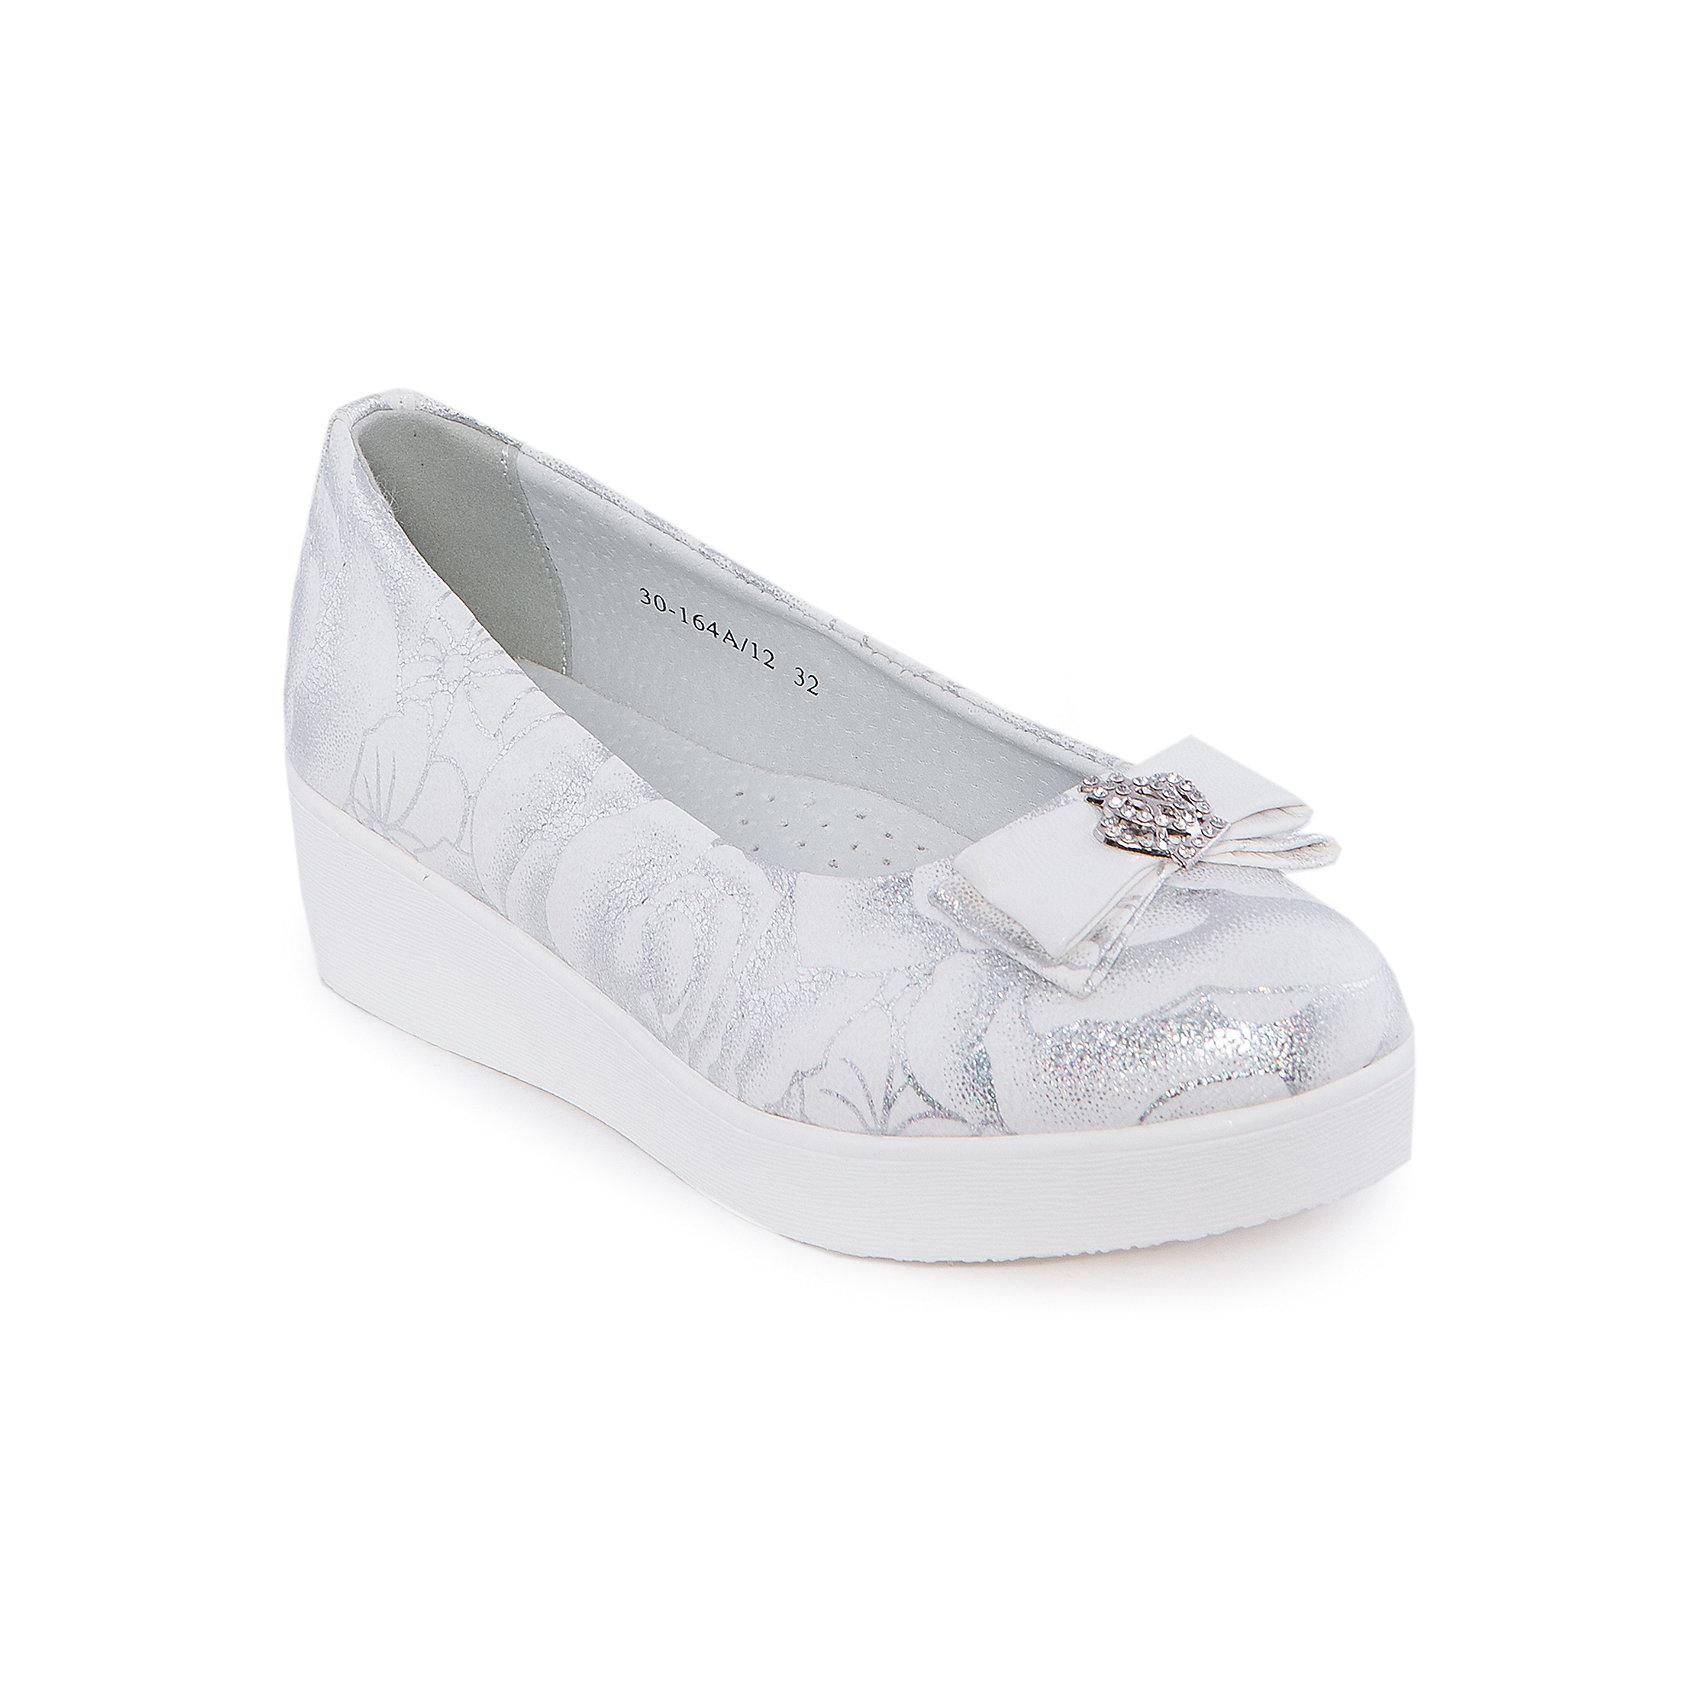 Туфли для девочки Indigo kidsТуфли<br>Туфли для девочки от известного бренда Indigo kids <br> <br>Изящные блестящие туфли отлично подойдут к праздничному наряду, а также они внесут яркую нотку в будничный ансамбль. Туфли легко надеваются, комфортно садятся по ноге, дают коже дышать. <br> <br>Особенности модели: <br> <br>- цвет: белый, серебристый; <br>- стильный дизайн; <br>- удобная колодка; <br>- небольшая подошва; <br>- подкладка из натуральной кожи; <br>- перфорация на подкладке, обеспечивающая вентиляцию; <br>- украшение - бант из кожи, стразы, принт; <br>- устойчивая нескользящая подошва; <br>- без застежки. <br> <br>Дополнительная информация: <br> <br>Состав: <br> <br>верх – искусственная кожа; <br>подкладка - натуральная кожа; <br>подошва - ТЭП. <br> <br>Туфли для девочки Indigo kids (Индиго Кидс) можно купить в нашем магазине.<br><br>Ширина мм: 227<br>Глубина мм: 145<br>Высота мм: 124<br>Вес г: 325<br>Цвет: белый<br>Возраст от месяцев: 96<br>Возраст до месяцев: 108<br>Пол: Женский<br>Возраст: Детский<br>Размер: 32,37,35,34,33,36<br>SKU: 4547754